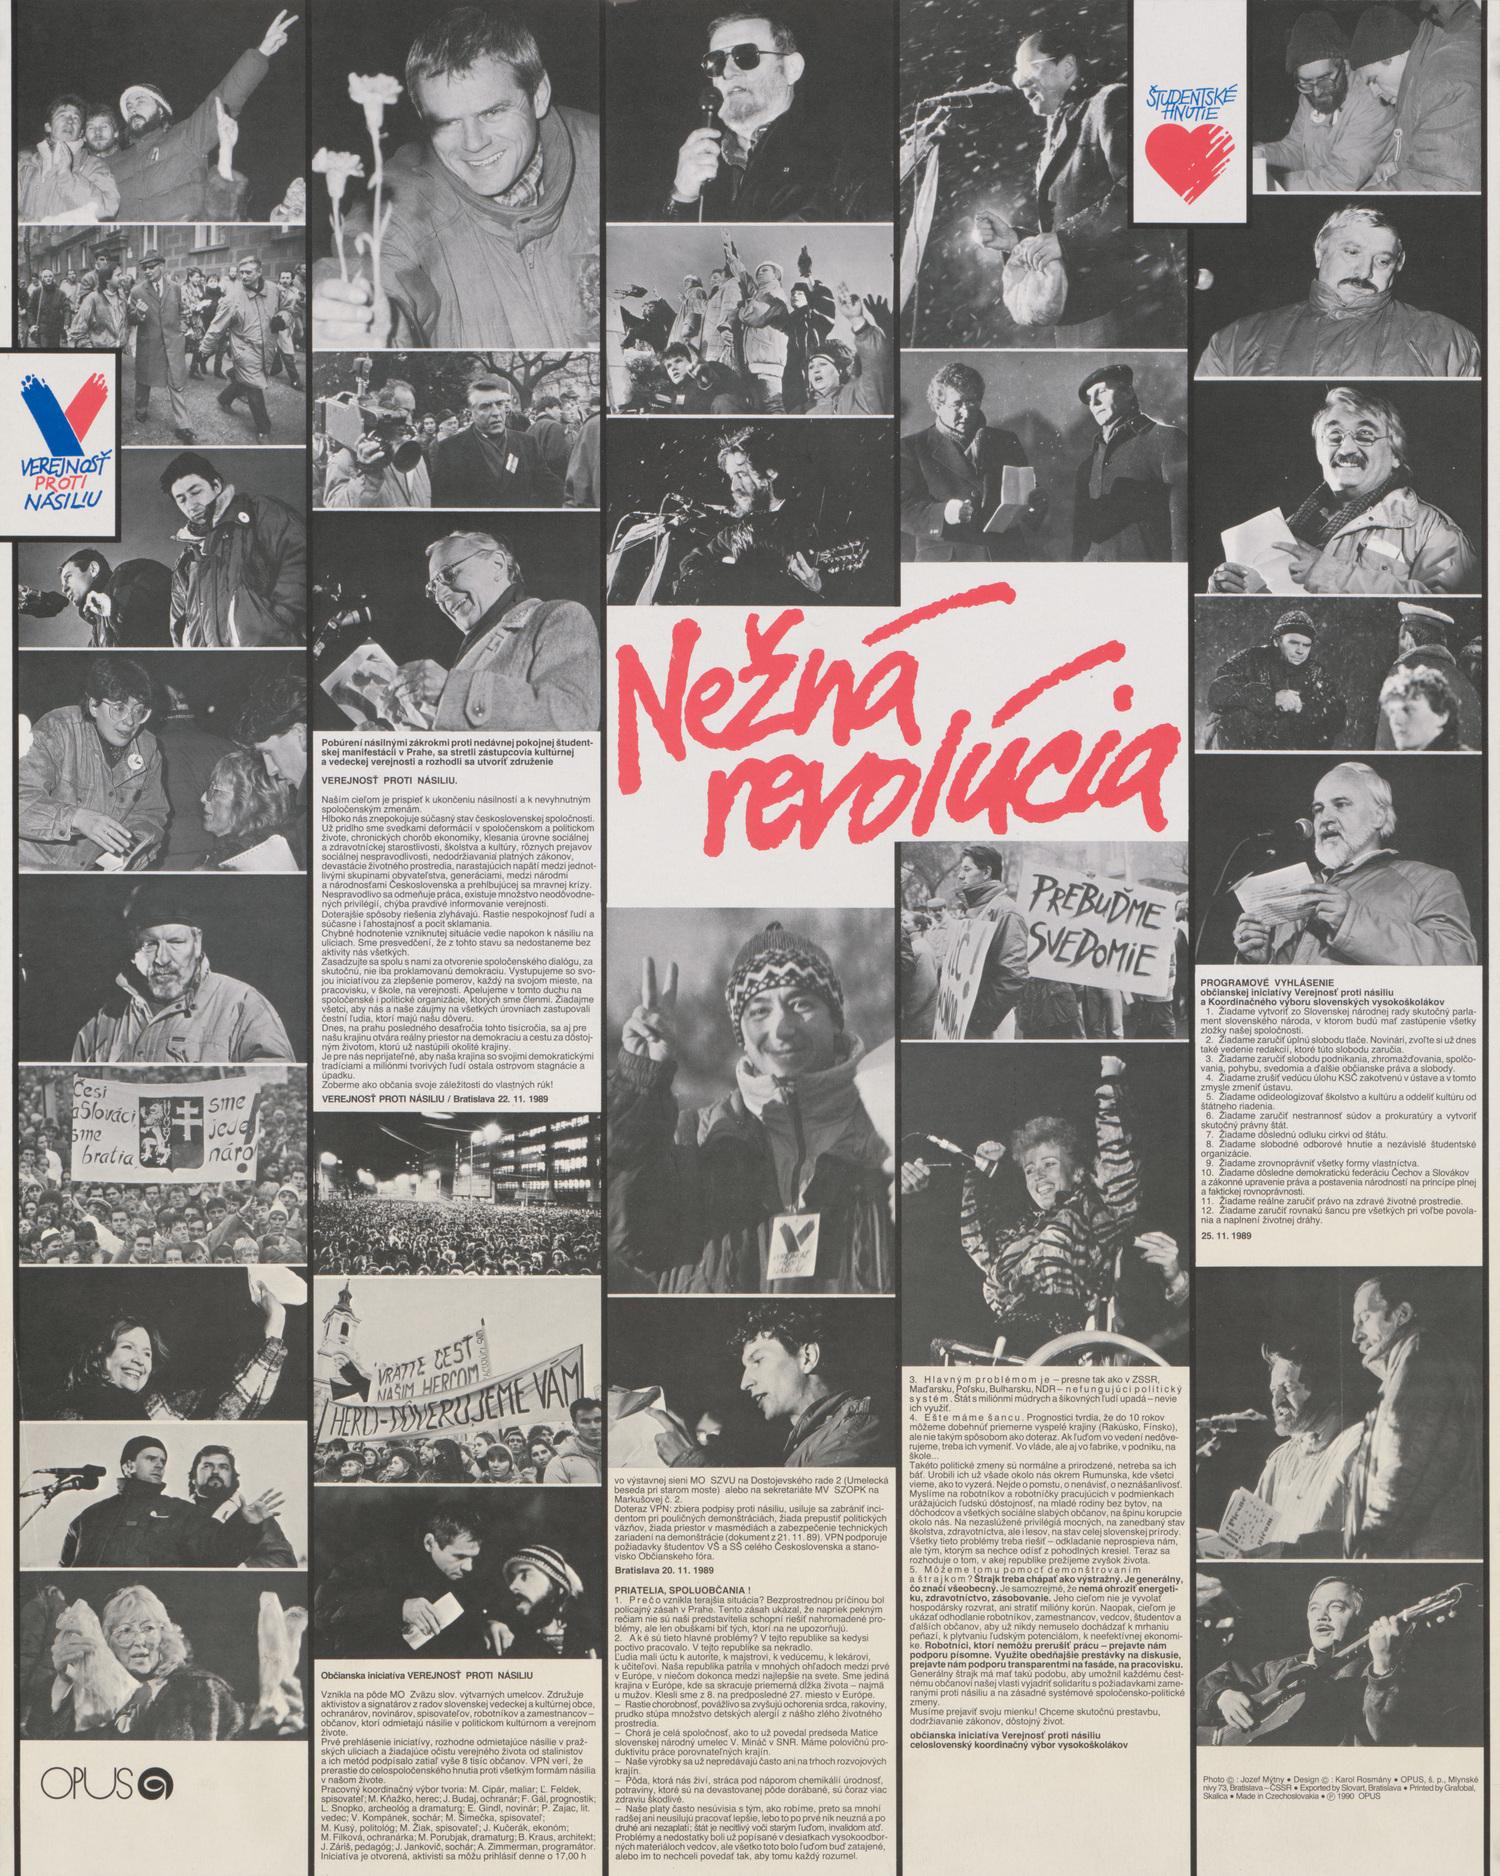 Karol Rosmány, Jozef Mýtny, Nežná revolúcia. 1990. Slovenské múzeum dizajnu